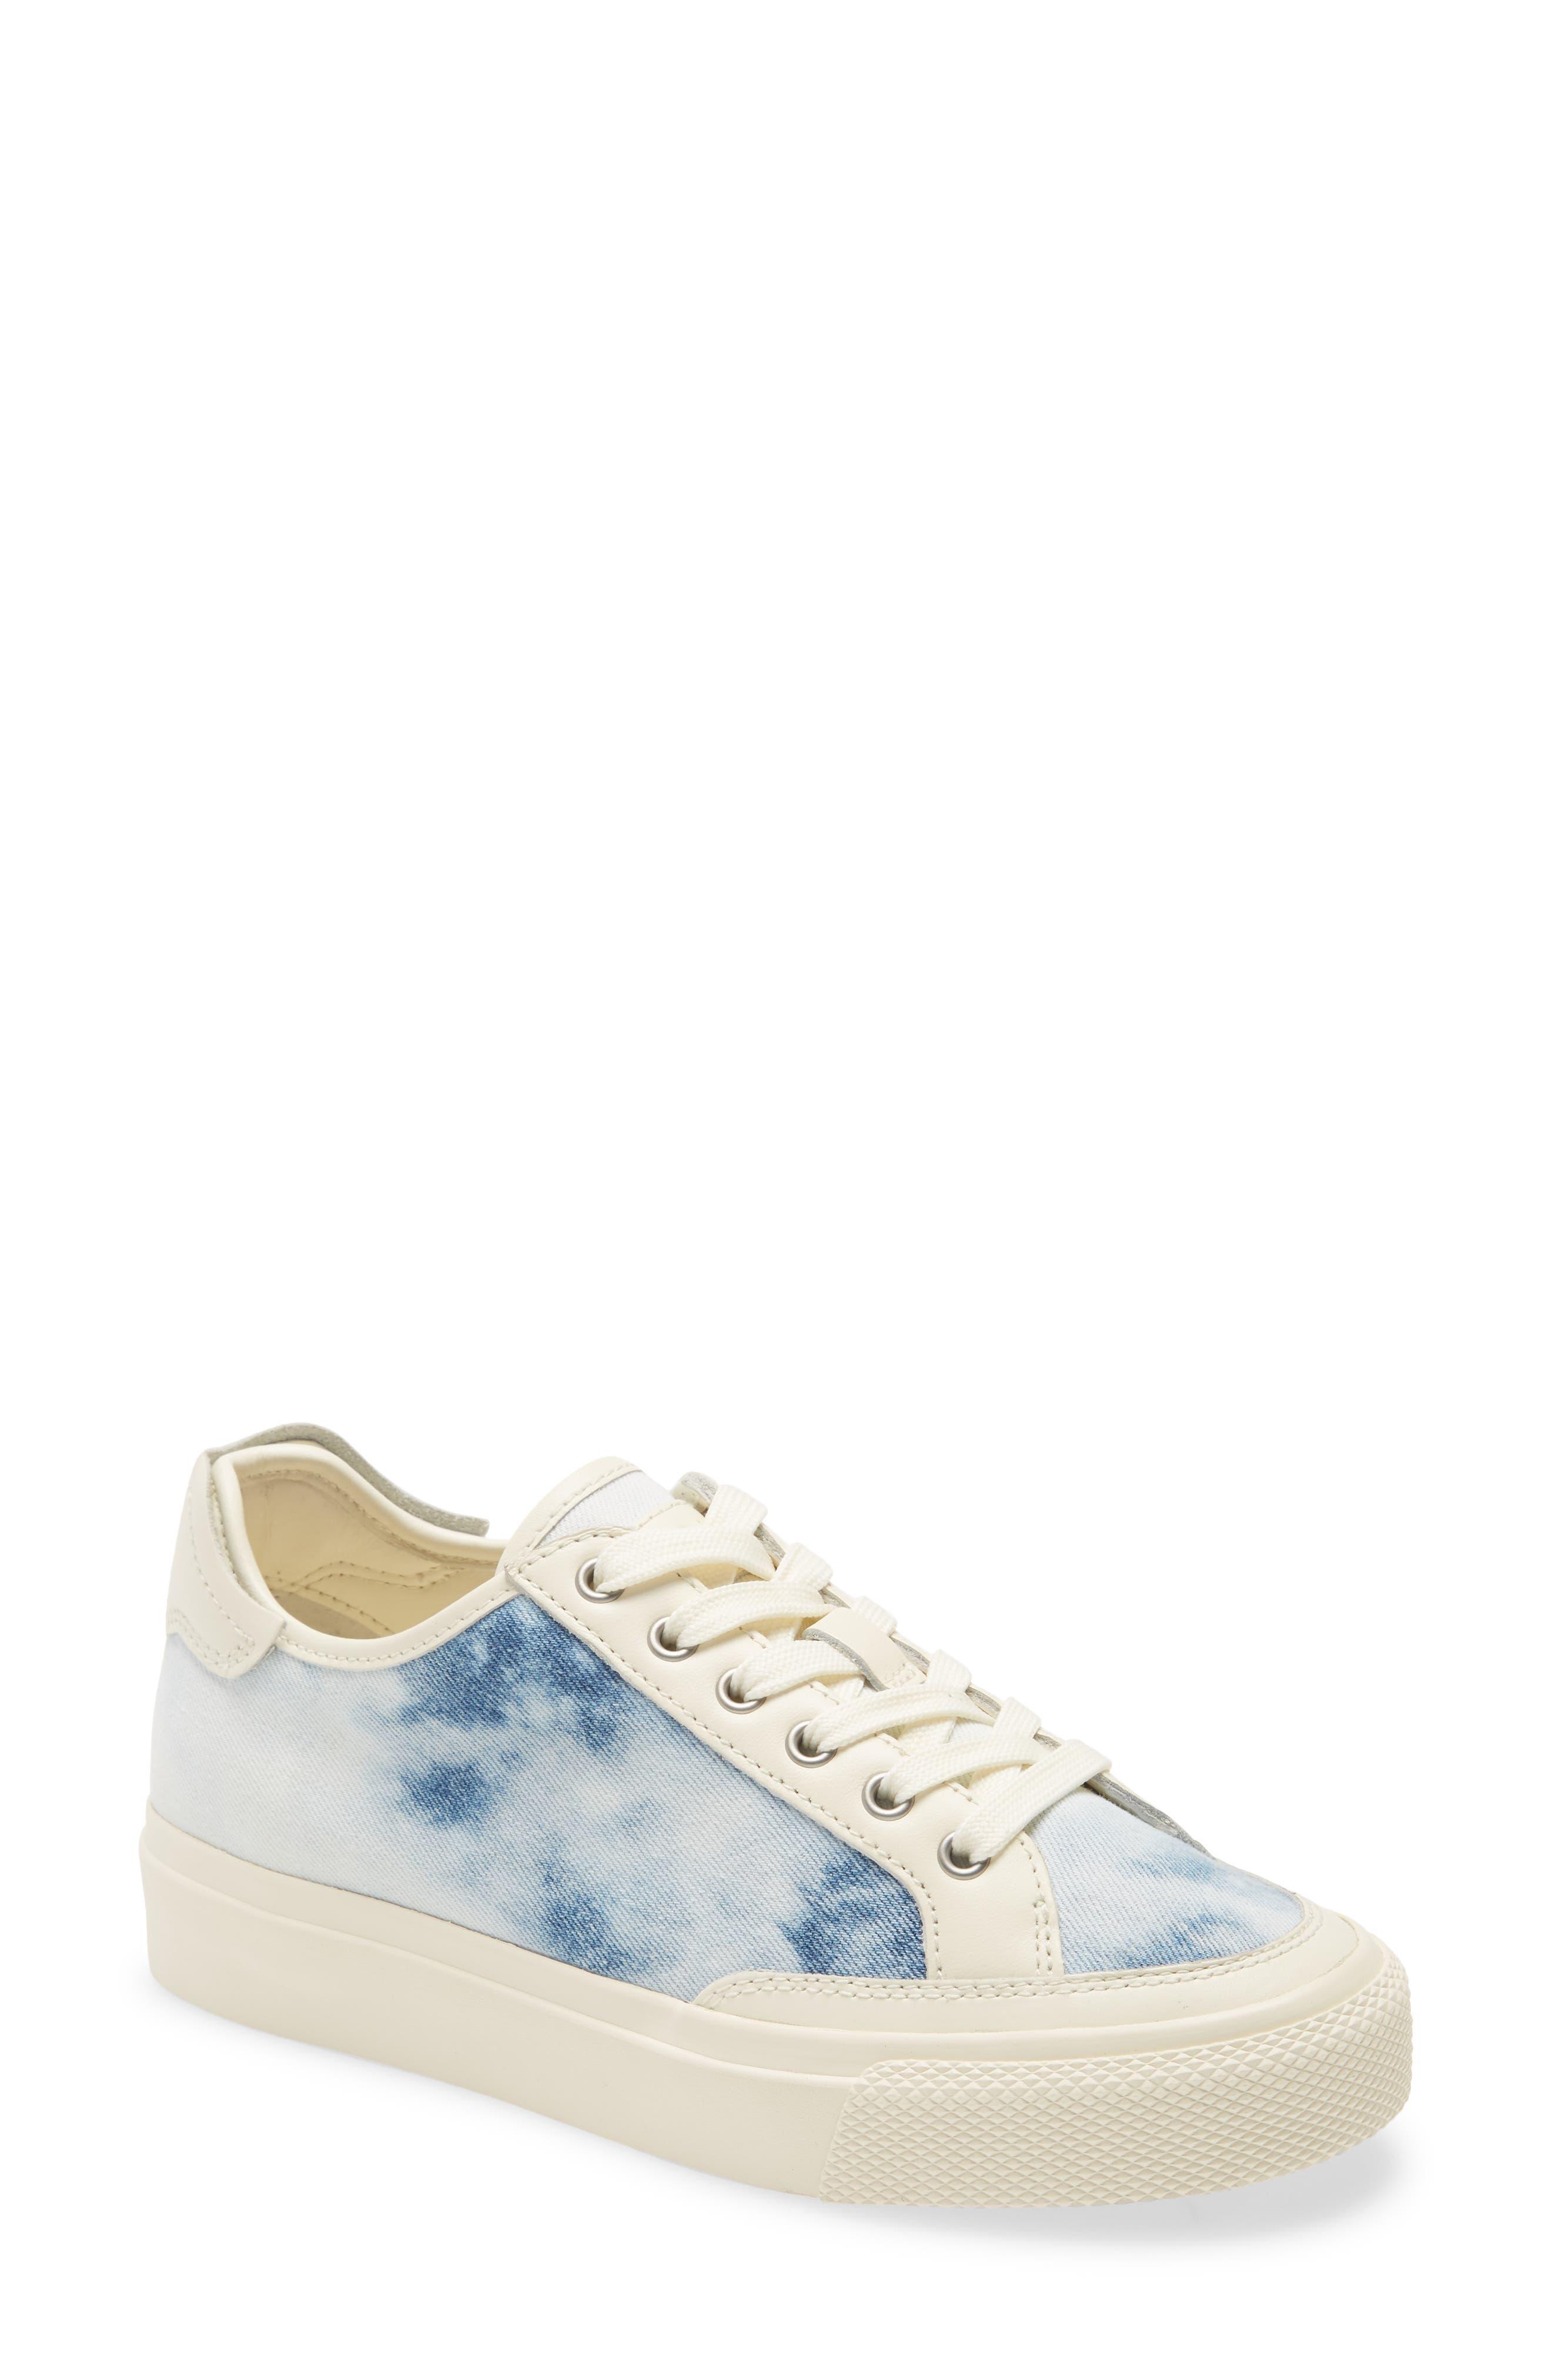 Image of Rag & Bone Army Low Top Sneaker